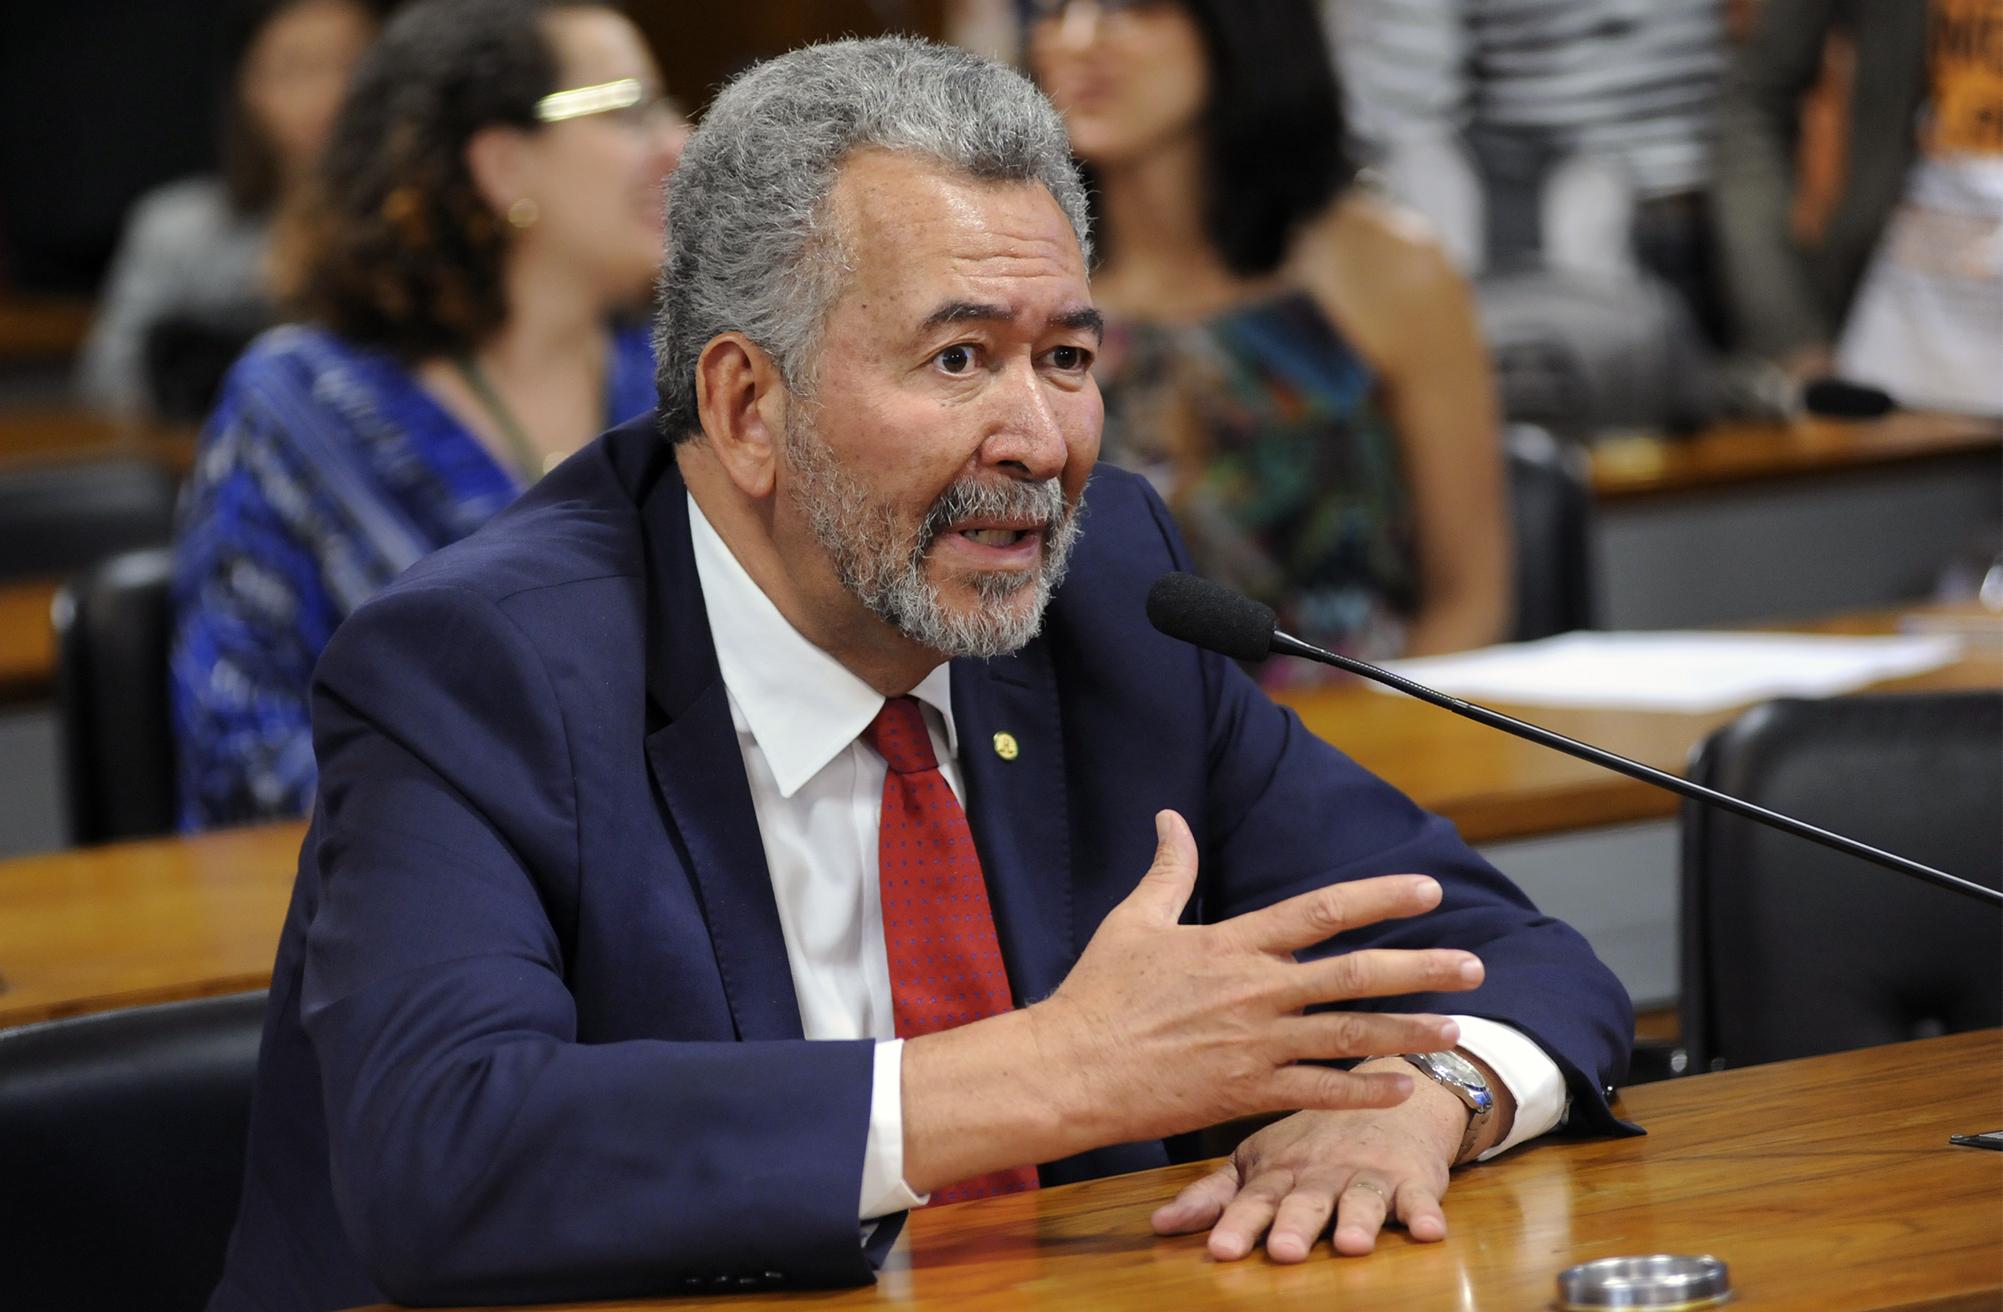 Reunião conjunta com a Comissão de Direitos Humanos e Legislação Participativa do Senado Federal. Dep. Paulão (PT - AL)